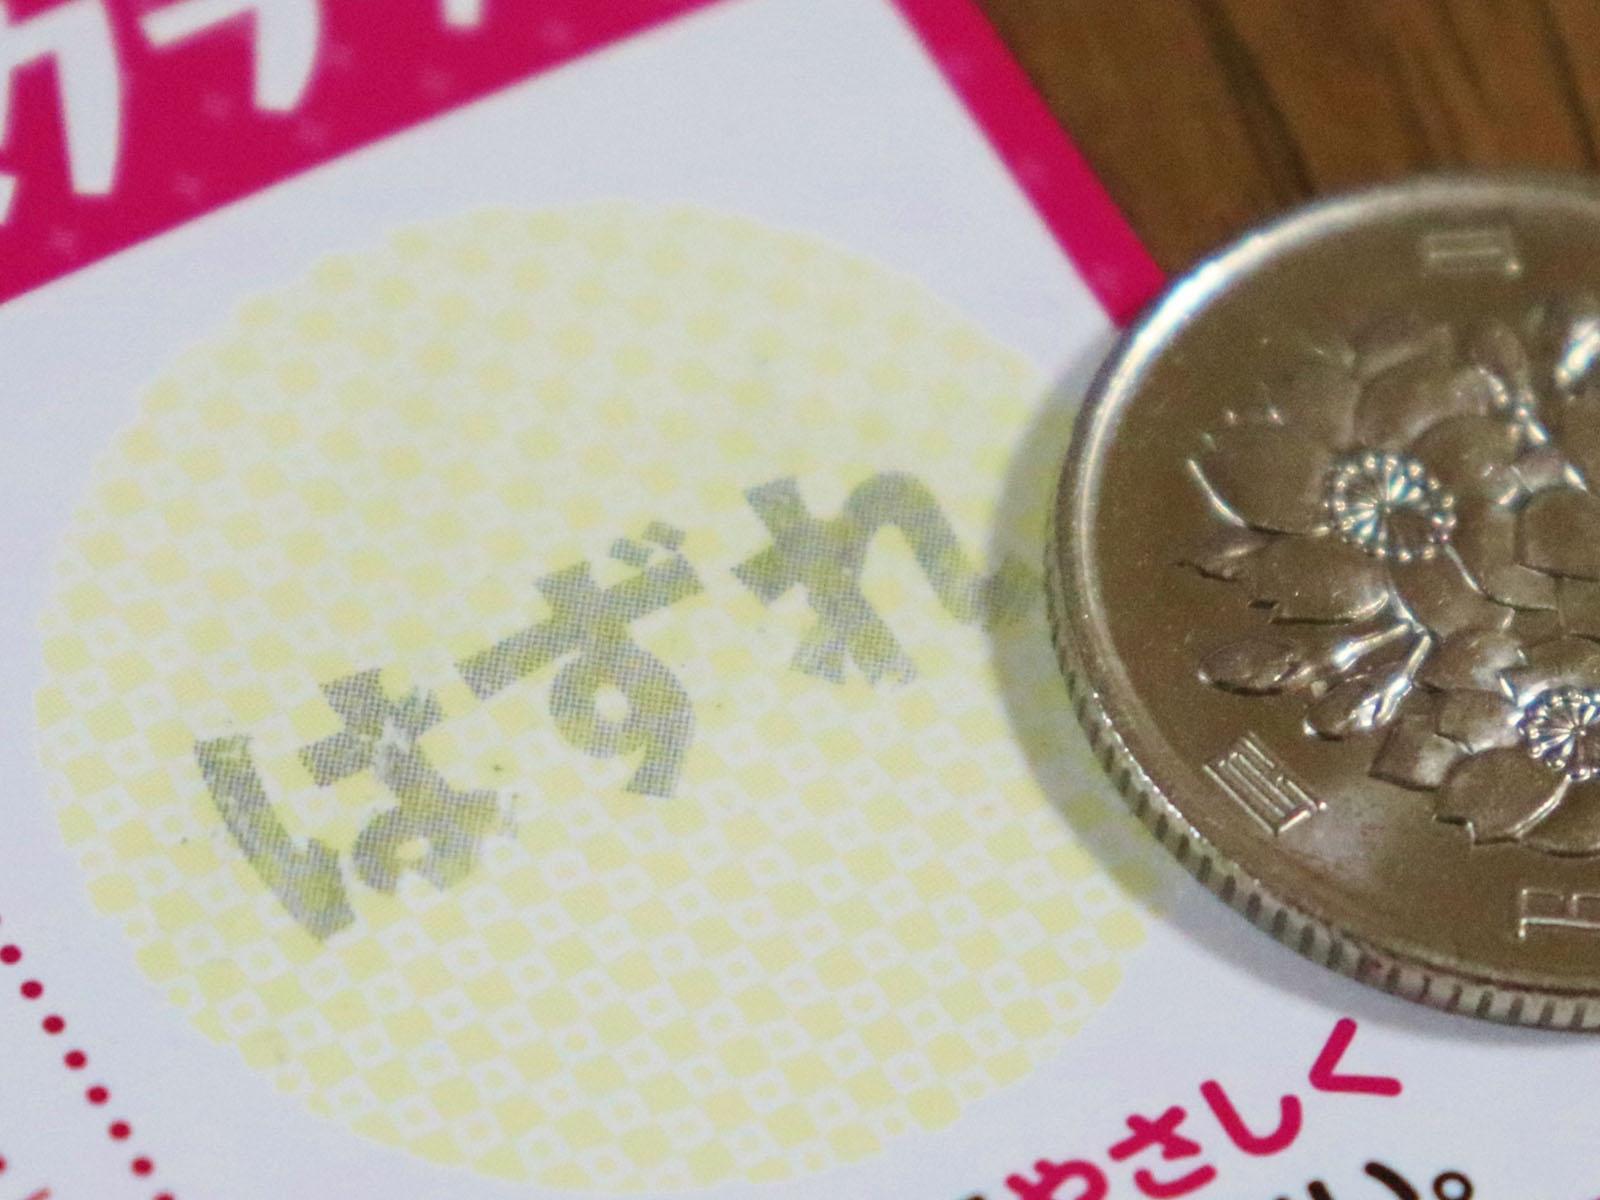 本日は駒場での練習。東京オリンピックのチケット抽選結果は惨敗。。